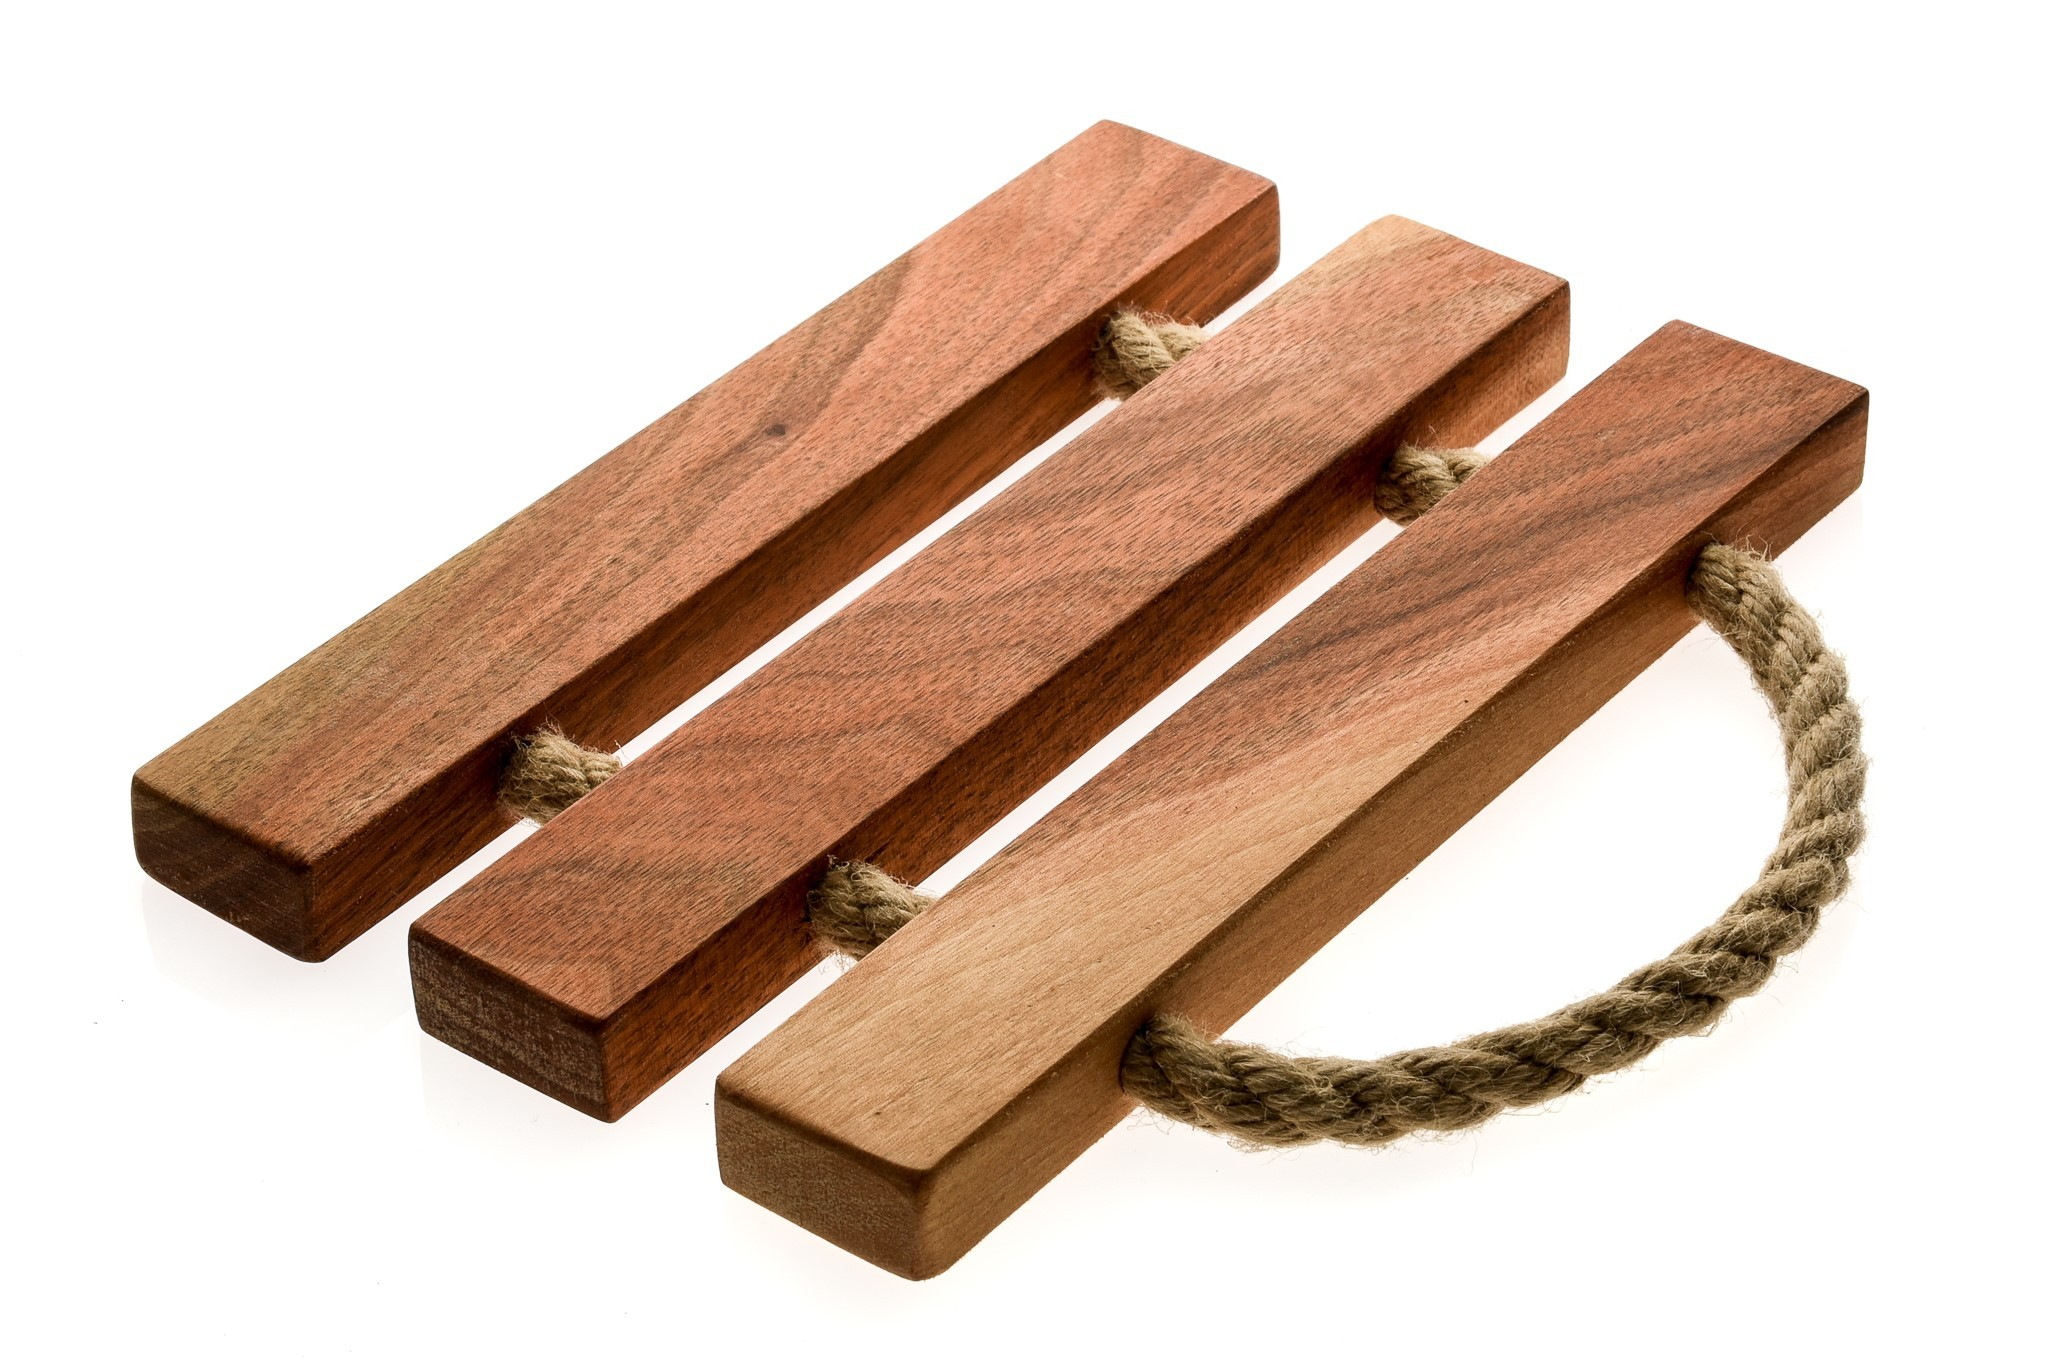 Leseni podstavek za vroče posode